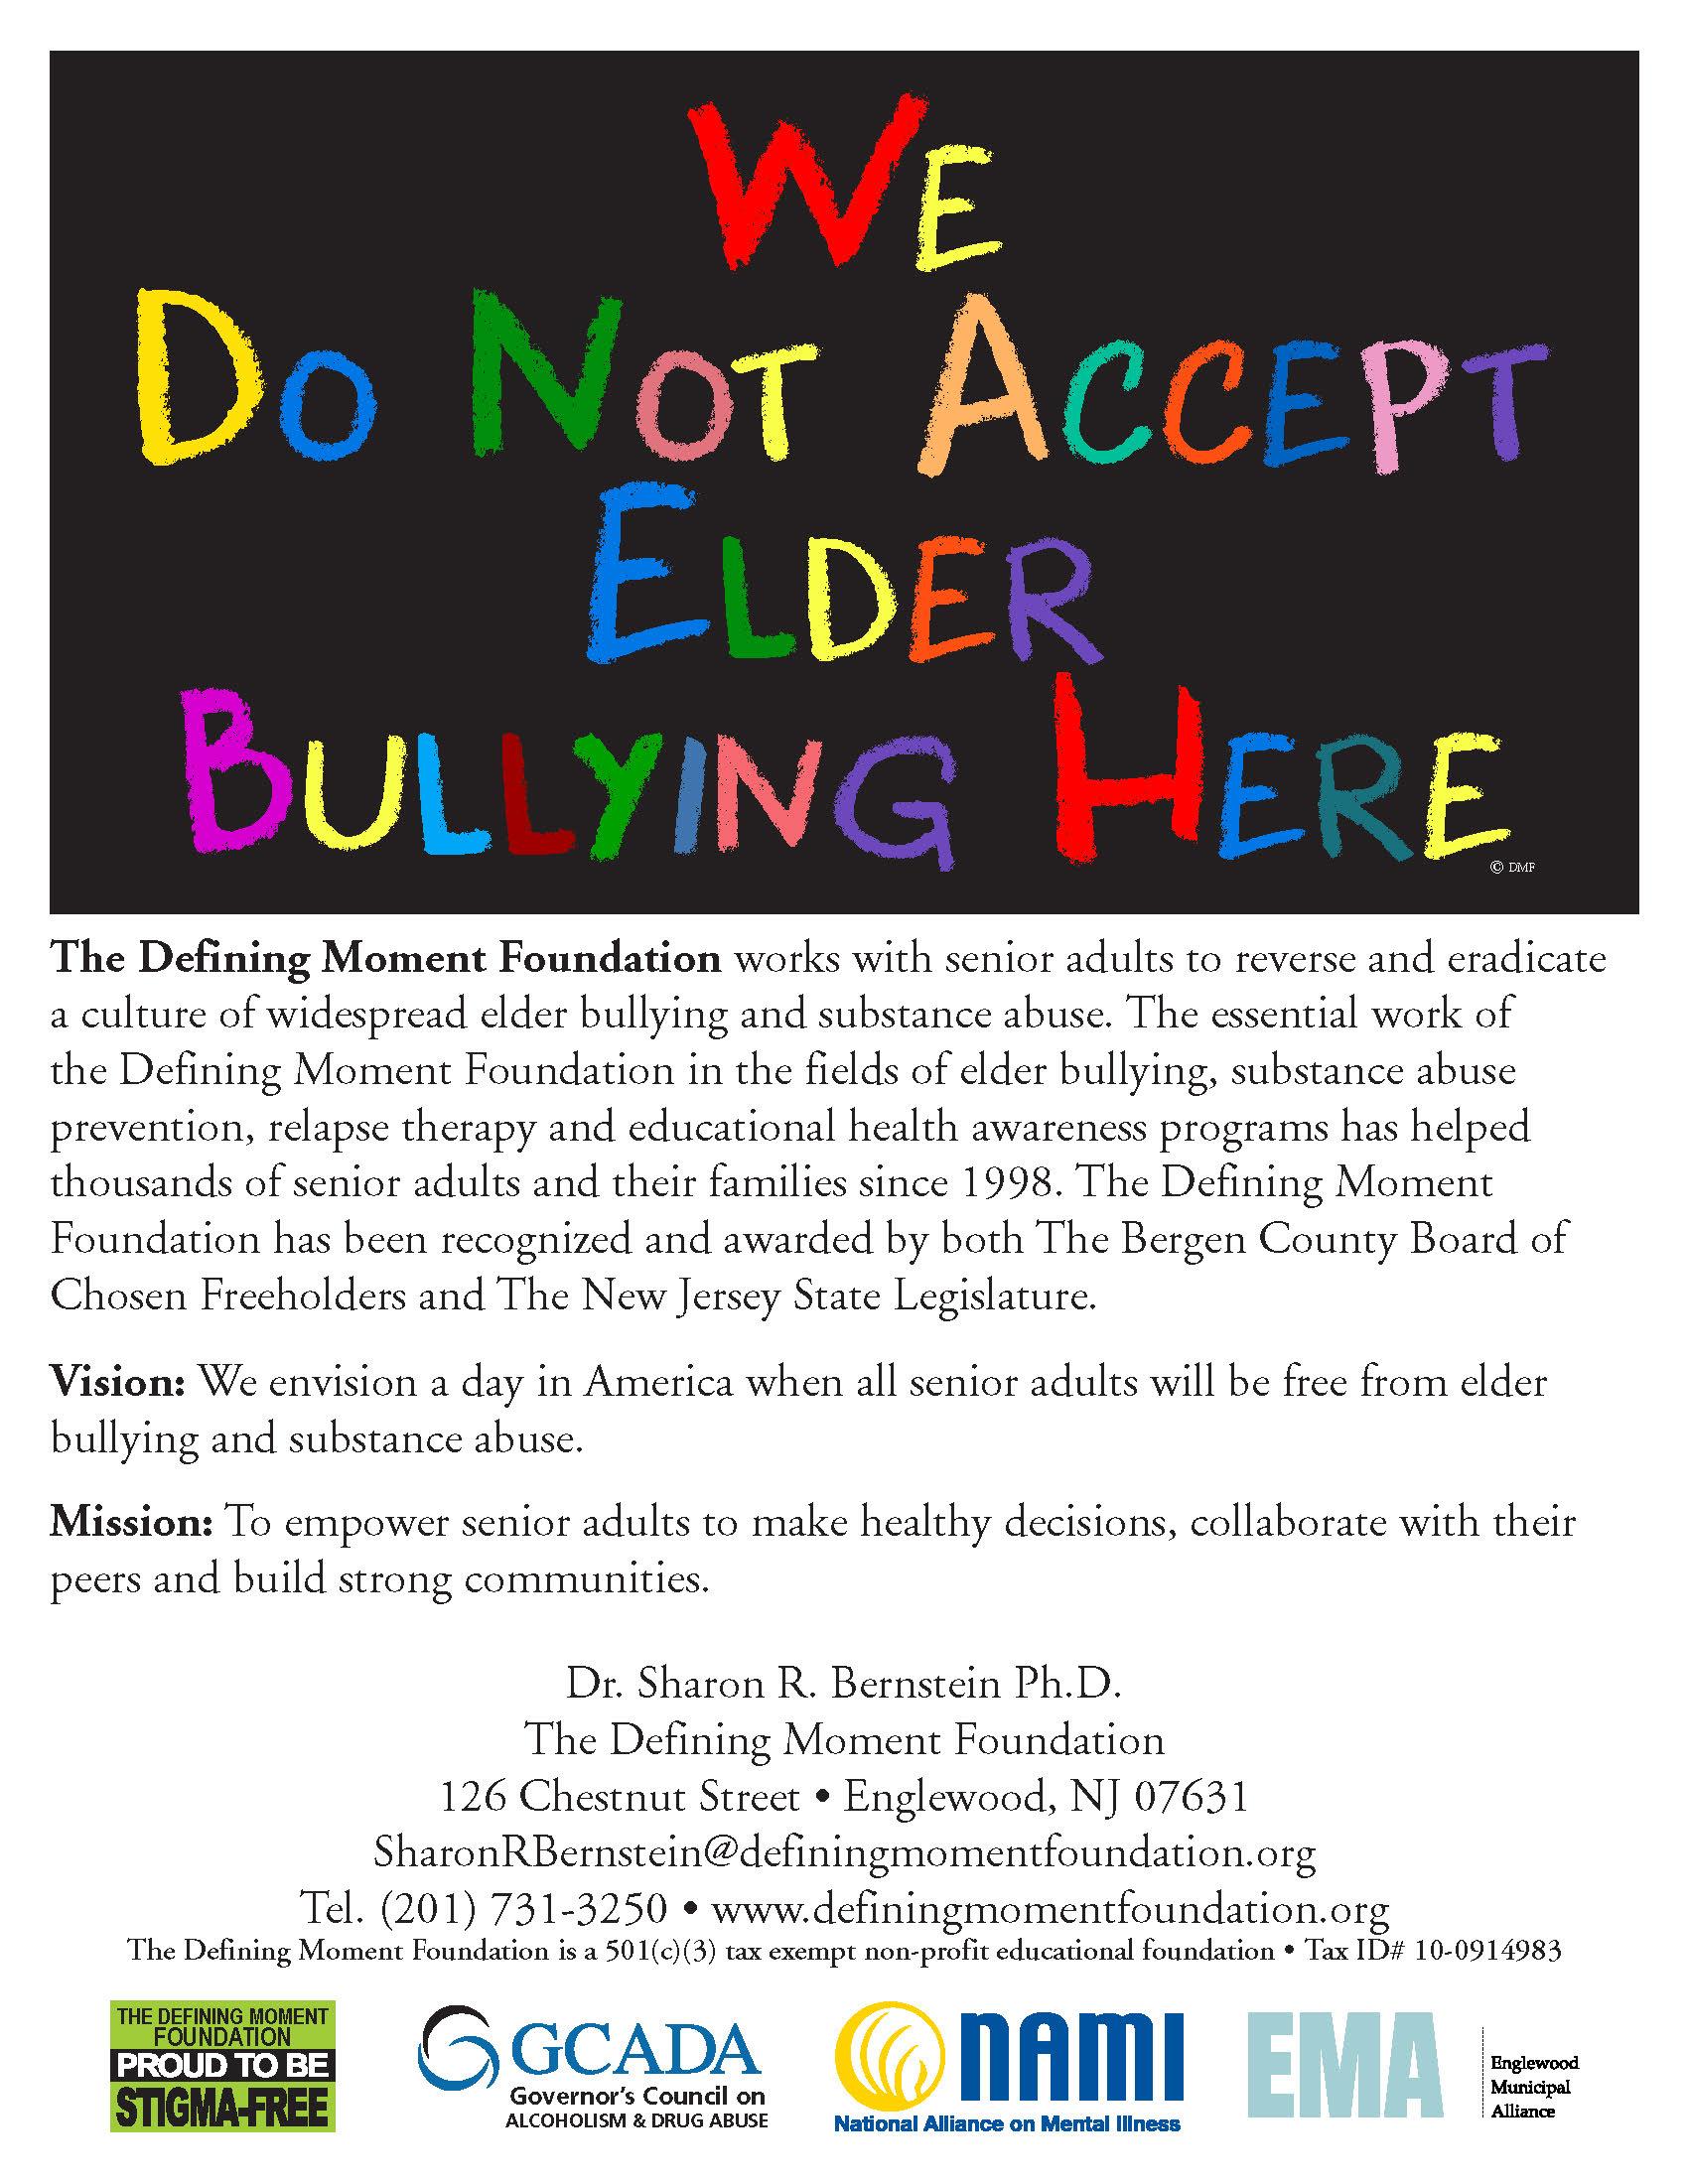 Elder Bullying Flyer.jpg